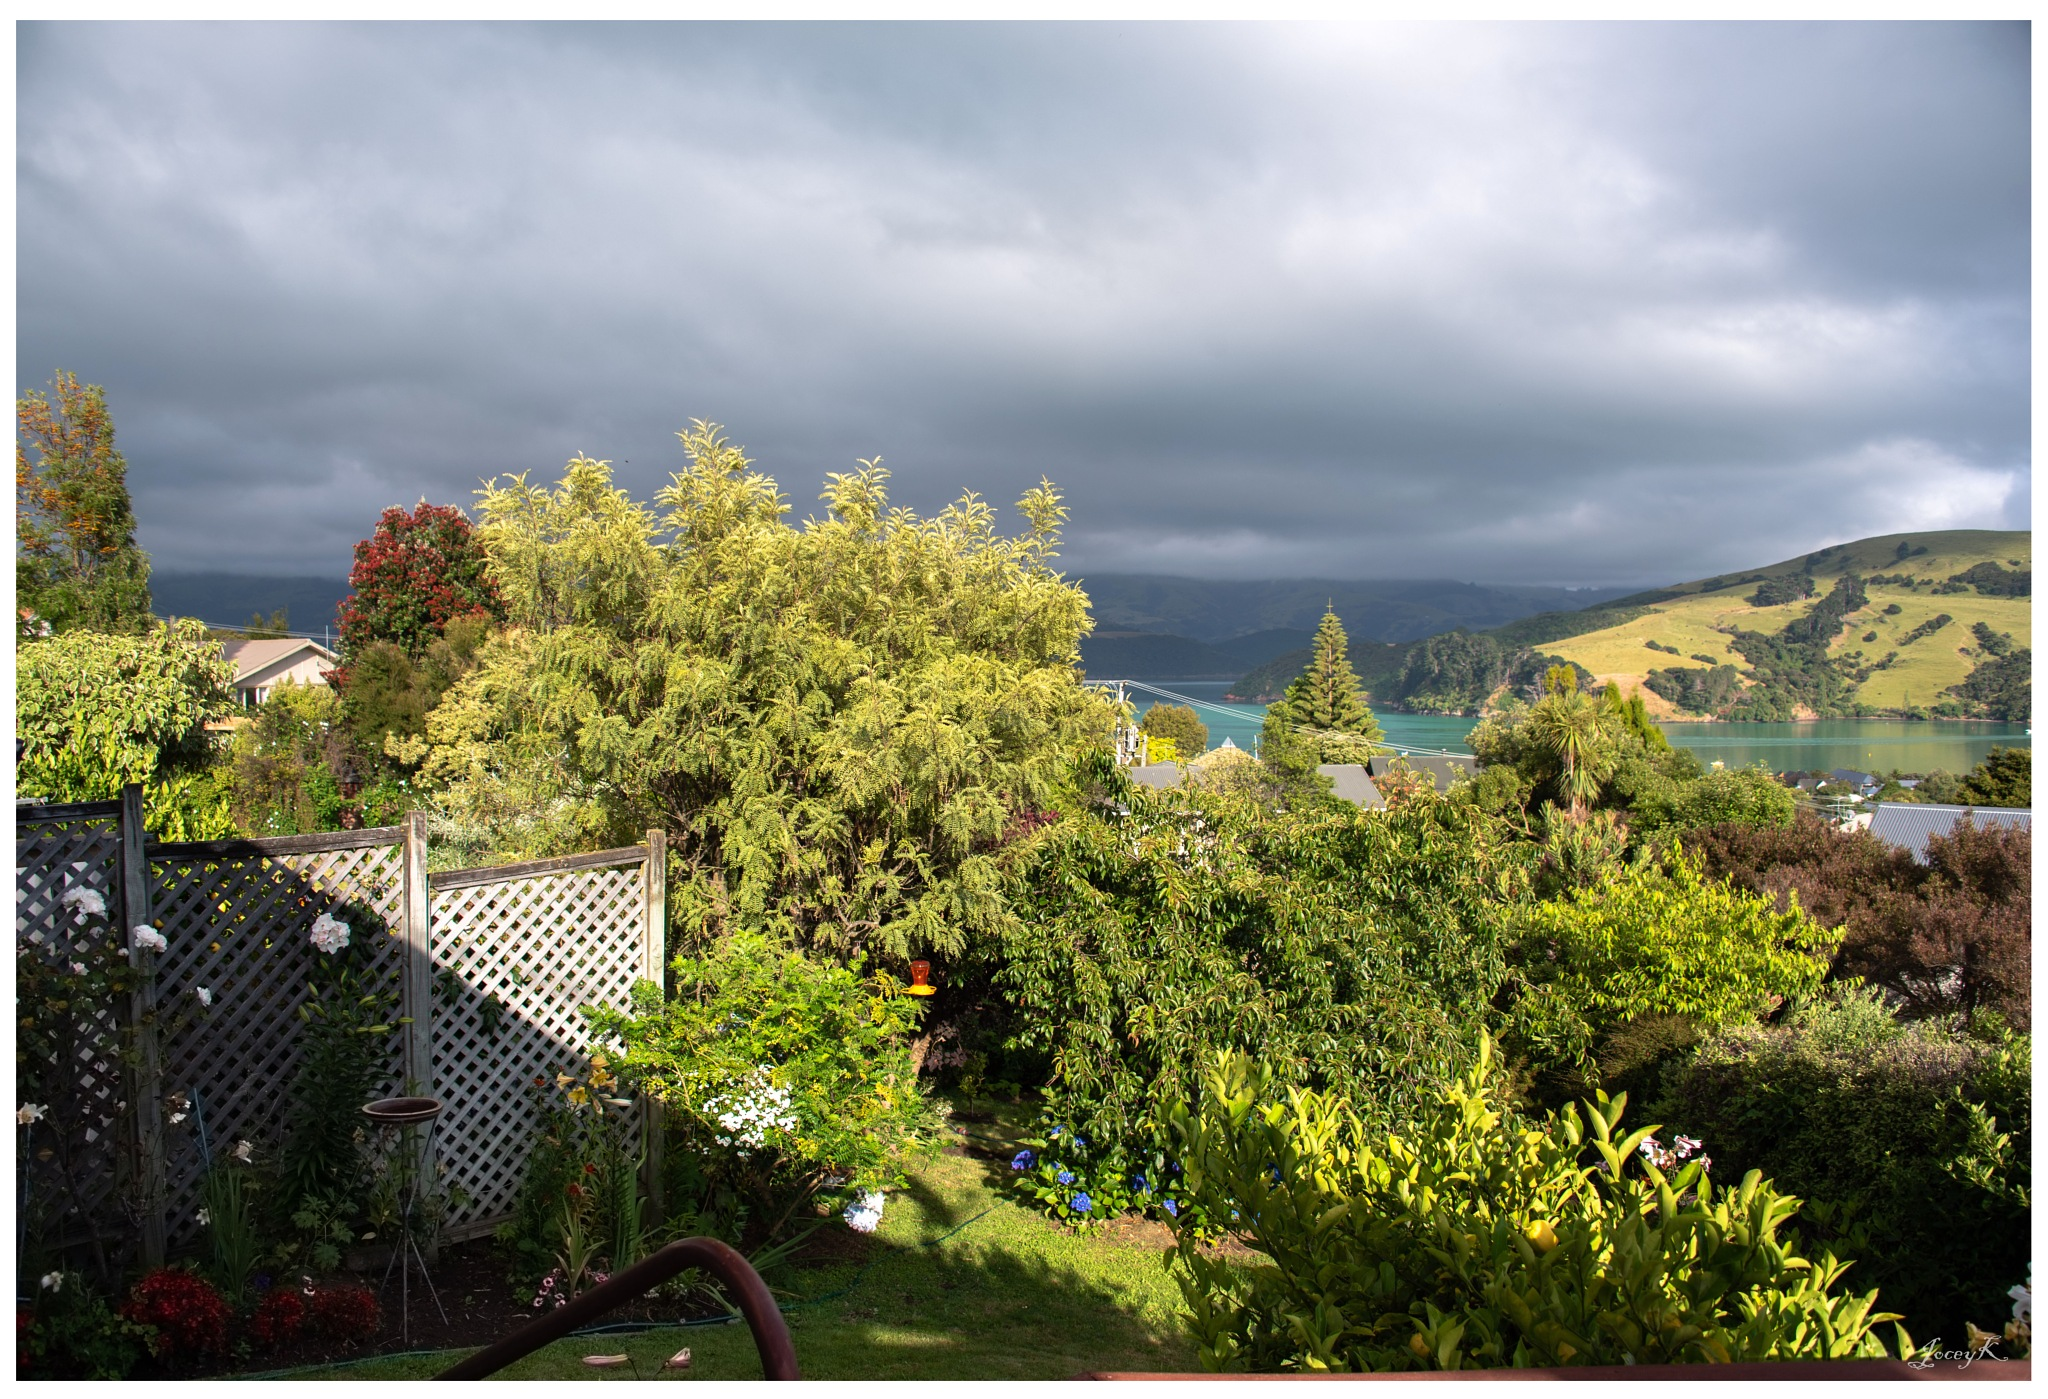 Rain on the Way by Jocelyn Kinghorn